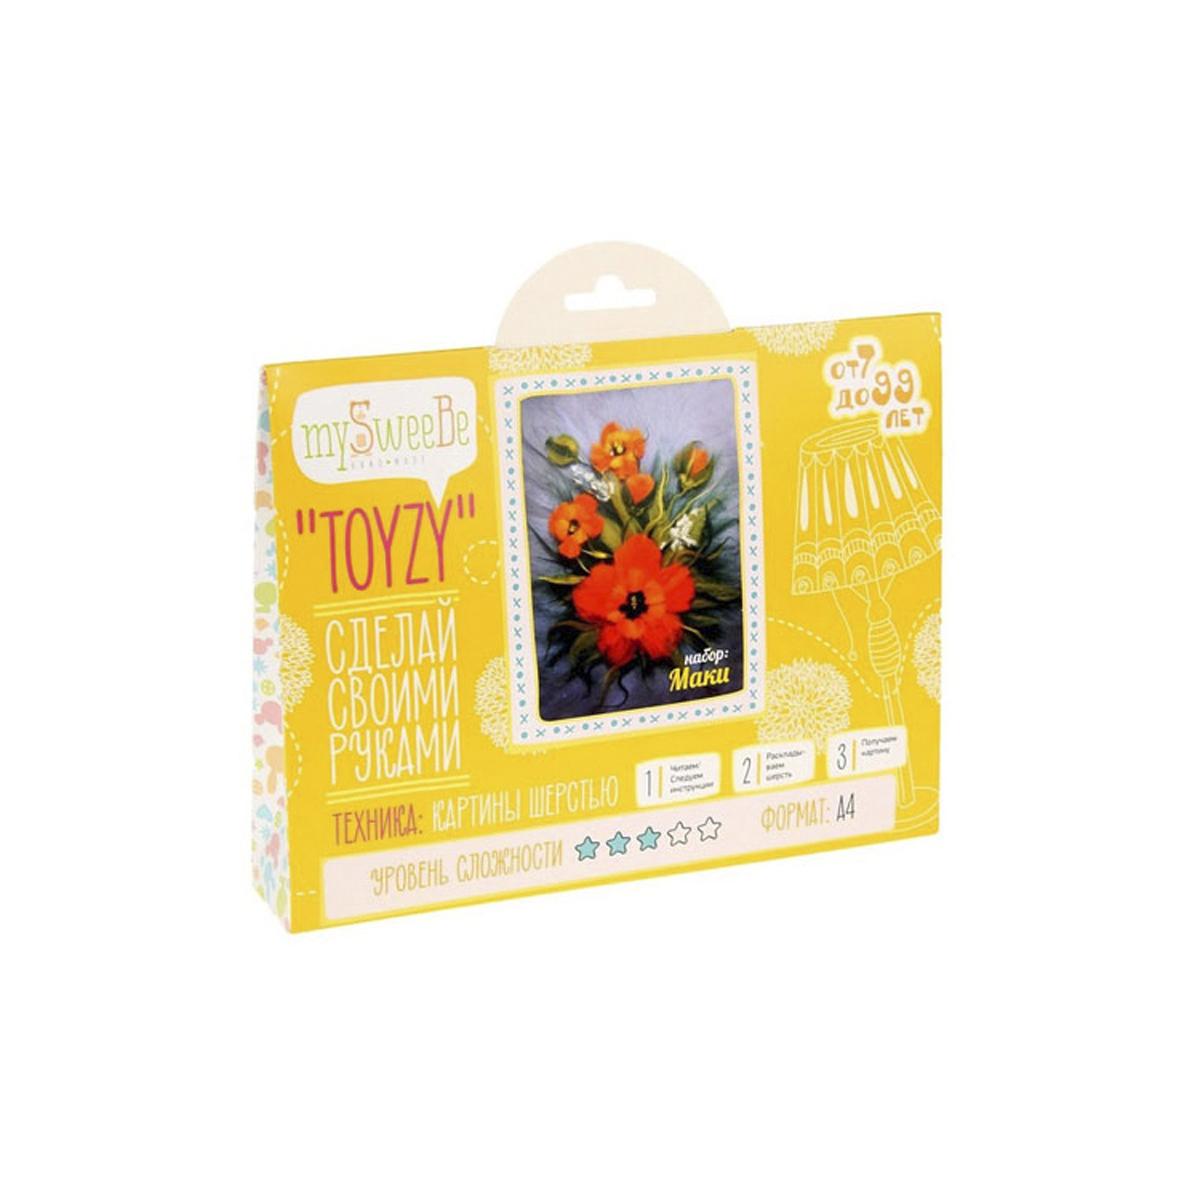 Картина шерстью Toyzy Маки, 29,7 см х 21 см. TZ-P008582266Набор для изготовления картин из шерсти Toyzy включает в себя: детальную инструкцию; все необходимые материалы и инструменты (в т.ч. шерсть, пинцет, подложку, дополнительные элементы). Шерсть, содержащаяся в наборе, является 100% натуральной и качественной.